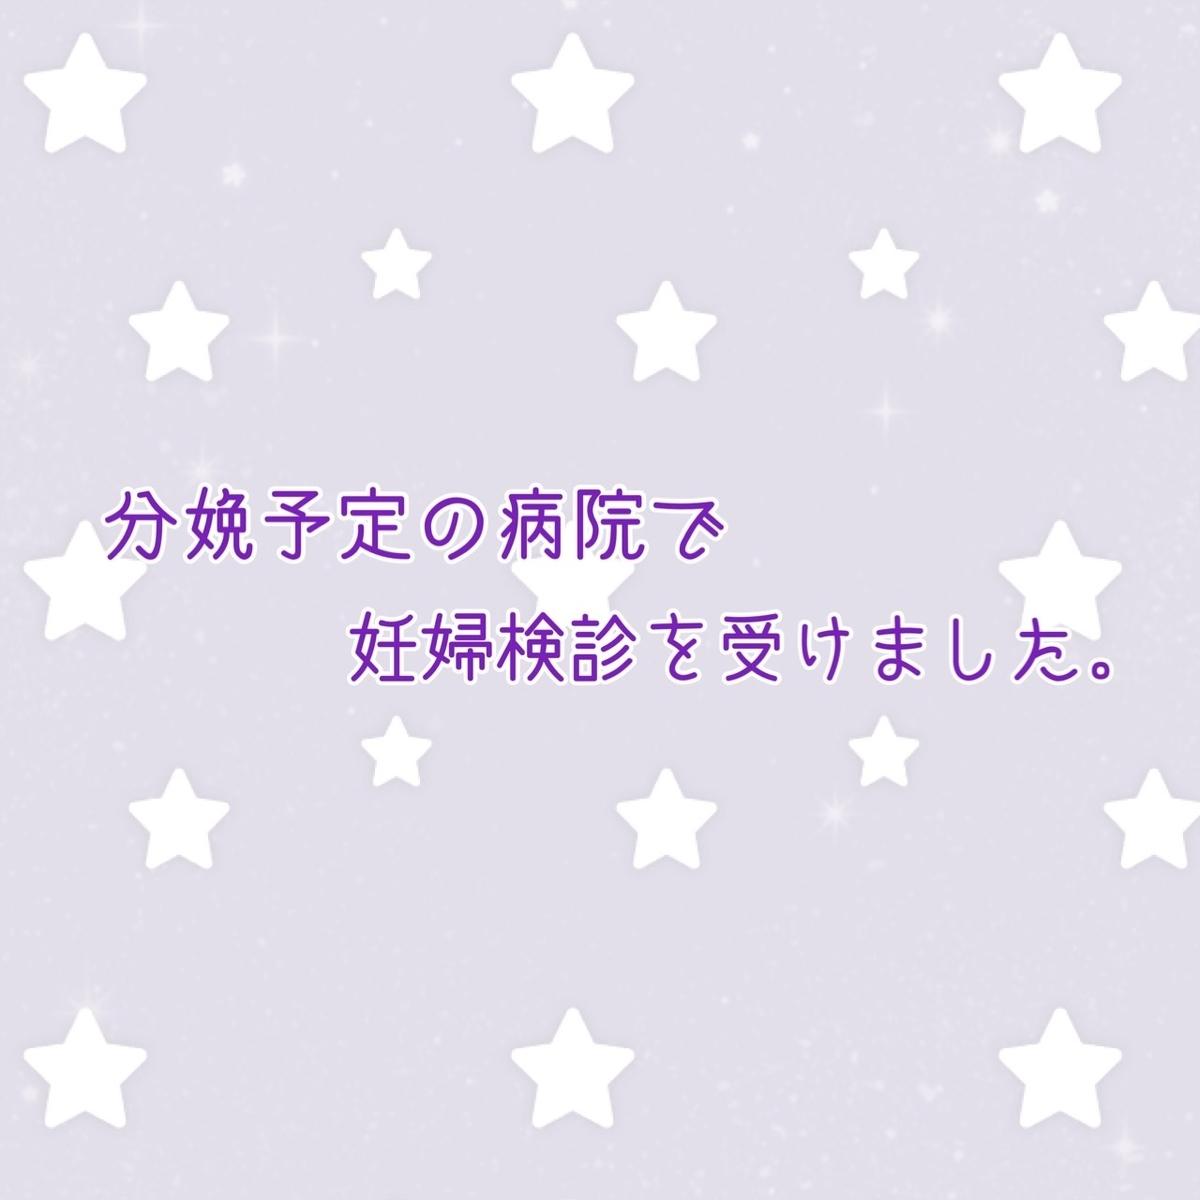 f:id:asktky03:20210208134021j:plain